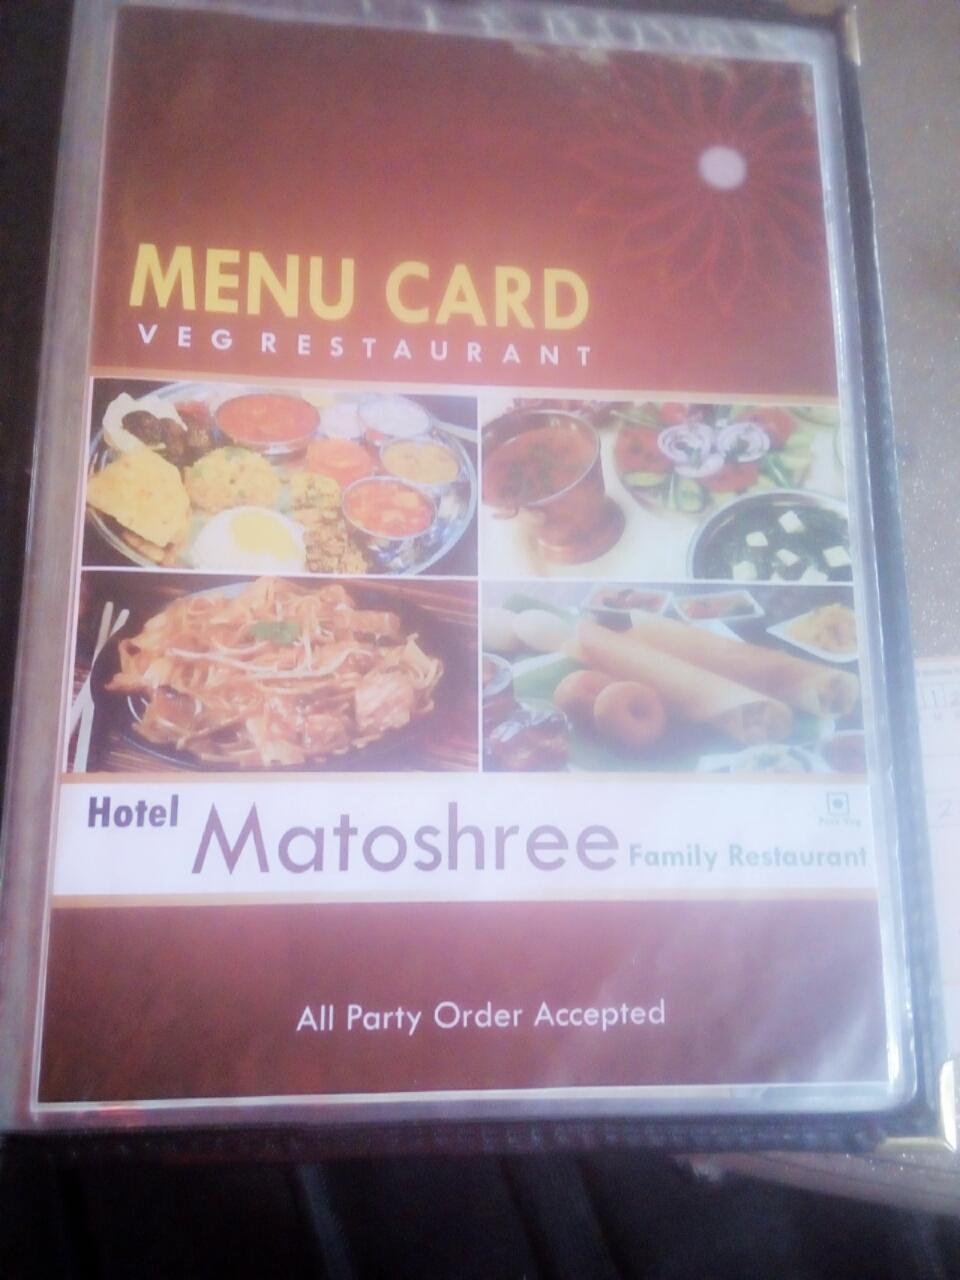 Hotel Matoshree